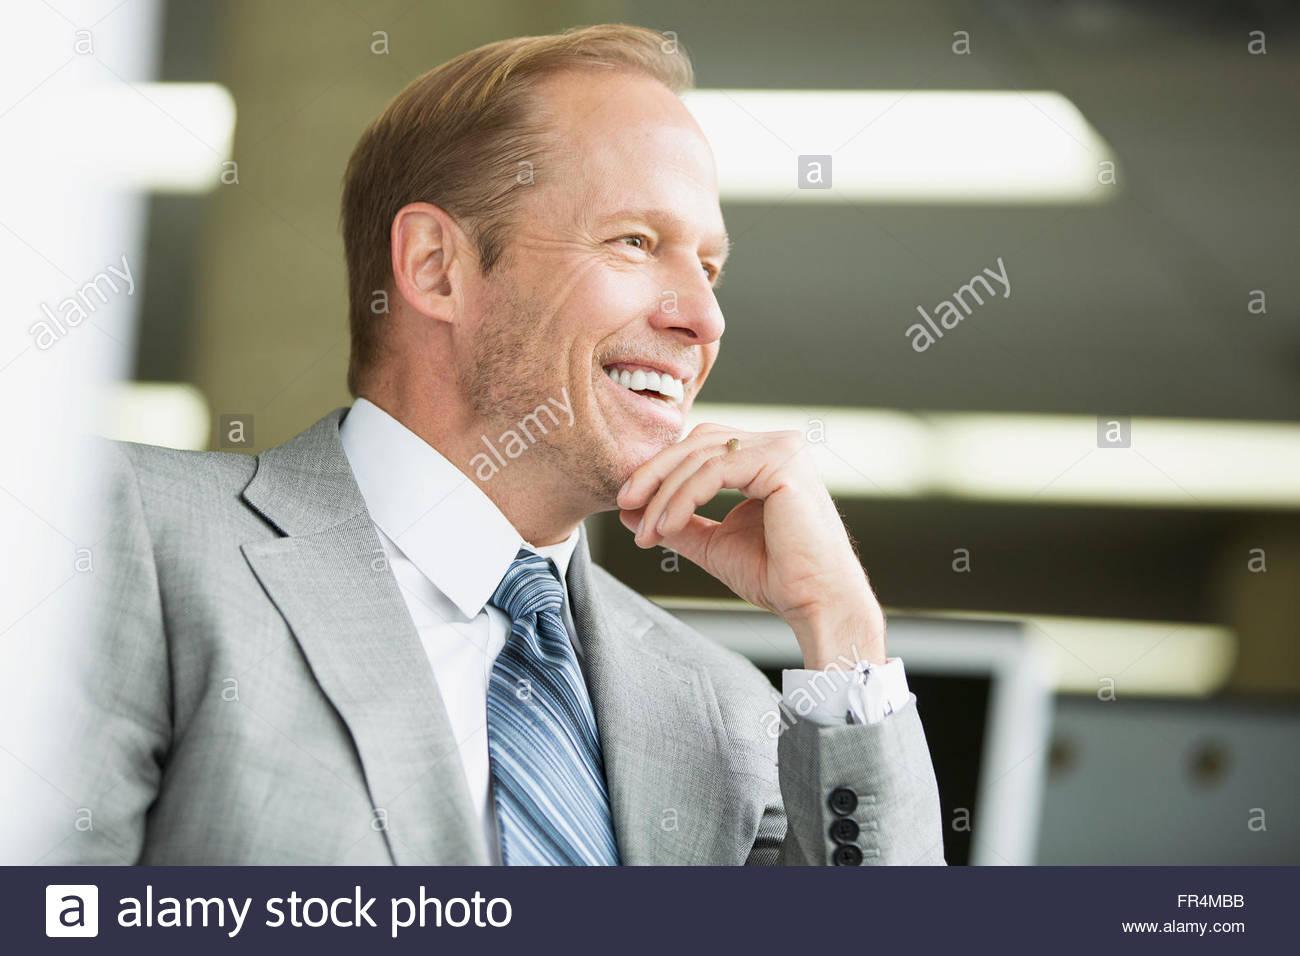 attraktive Geschäftsmann entspannt und lächelnd im Büro Stockbild